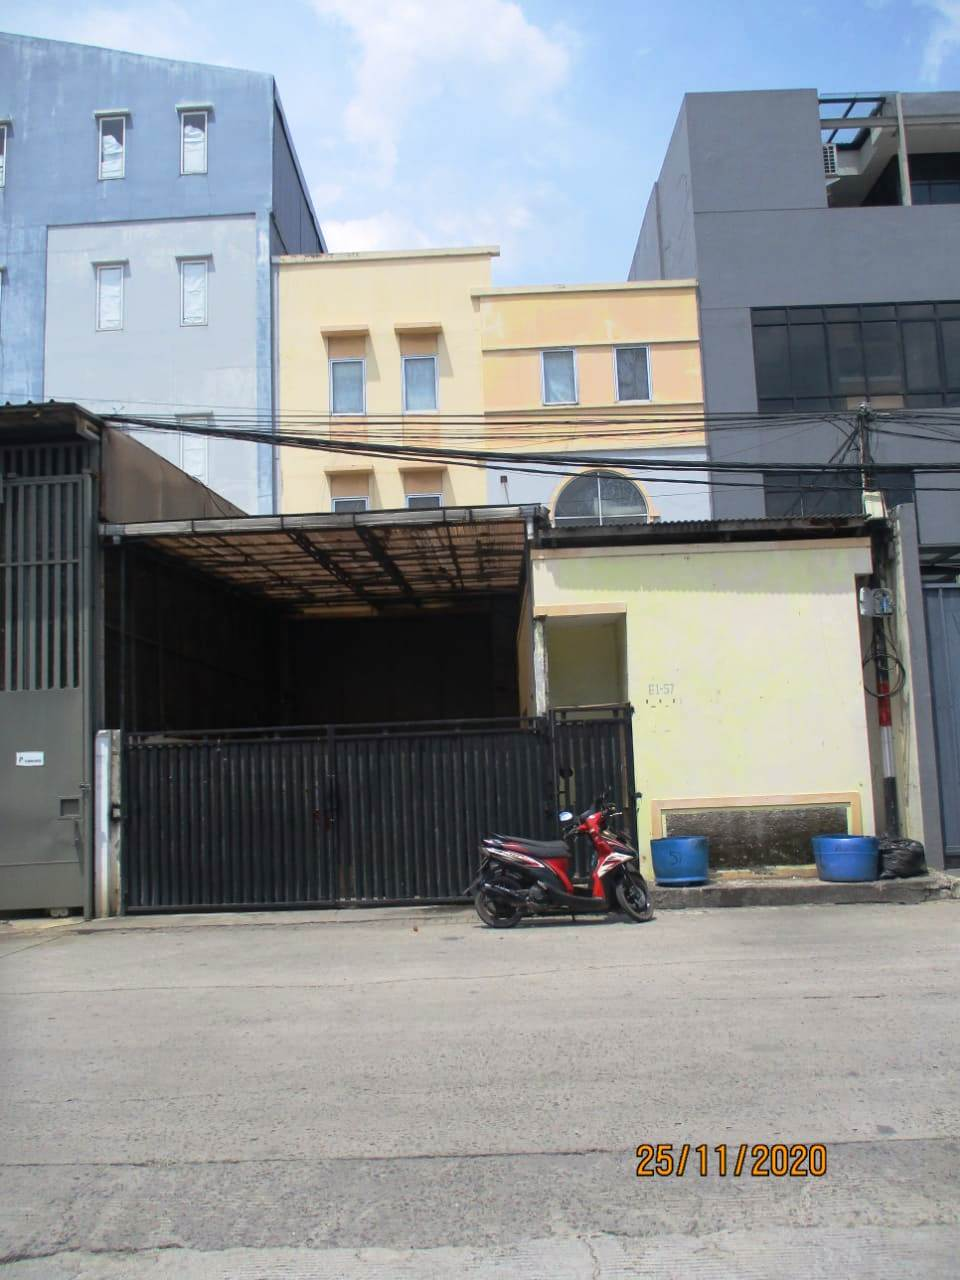 GUDANG DENGAN LUAS 252m2 DI PANTAI INDAH KAPUK (PIK), JAKARTA UTARA